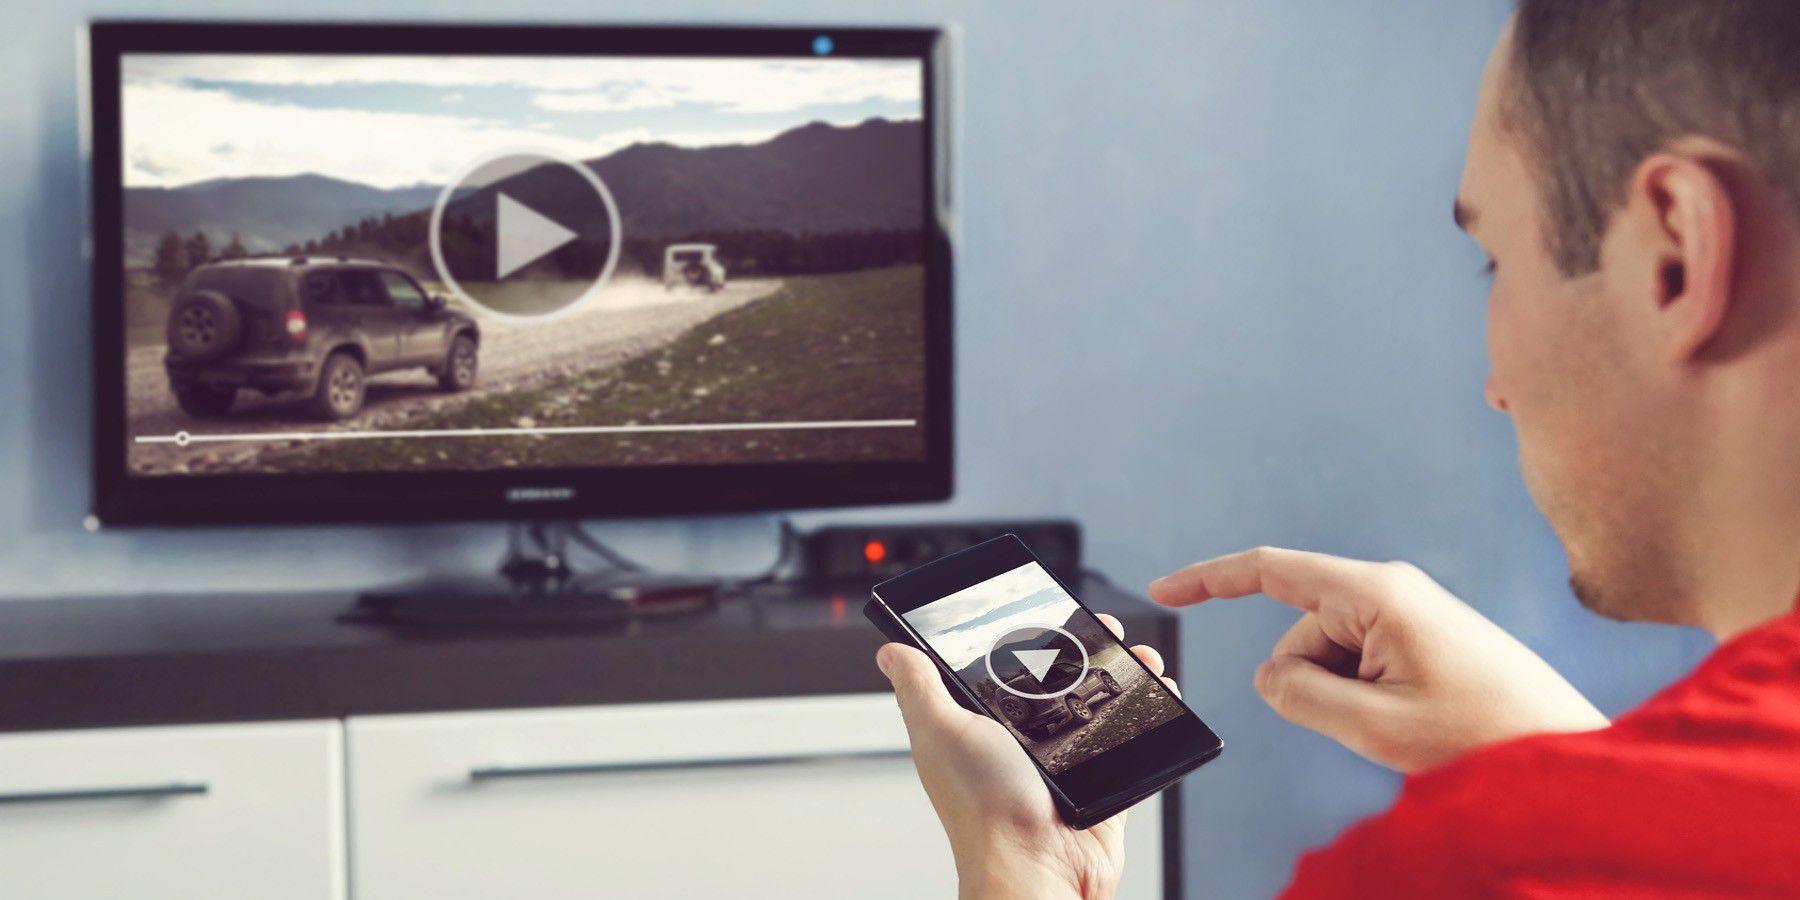 Handy mit Fernseher verbinden und kabellos Bildschirm spiegeln